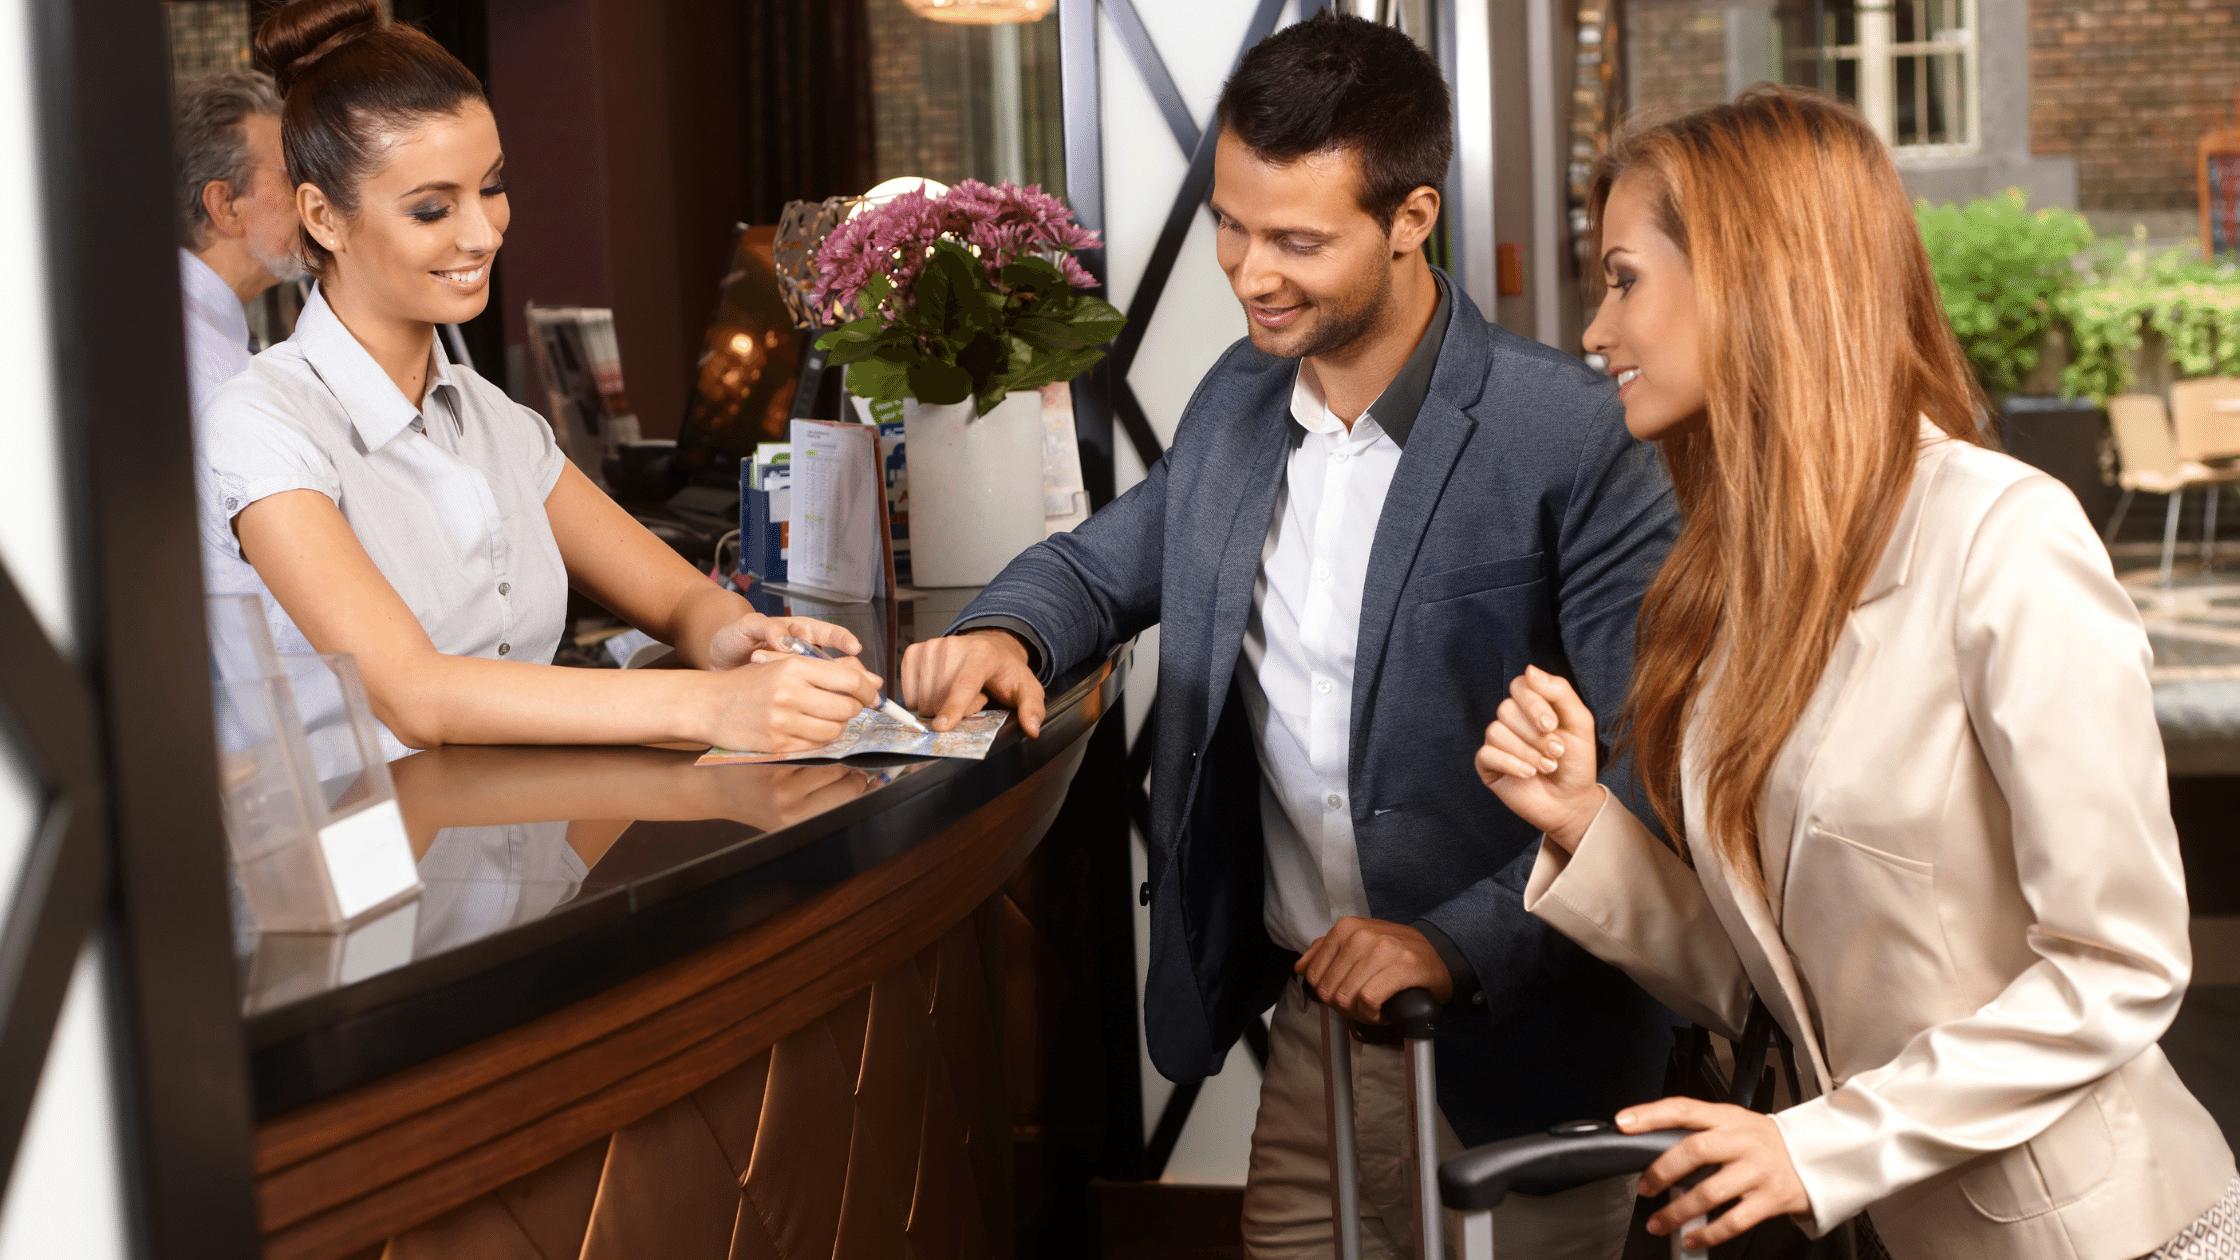 Mejora en la gestión de reservas: descubre algunos consejos para mejorar la calidad de su servicio